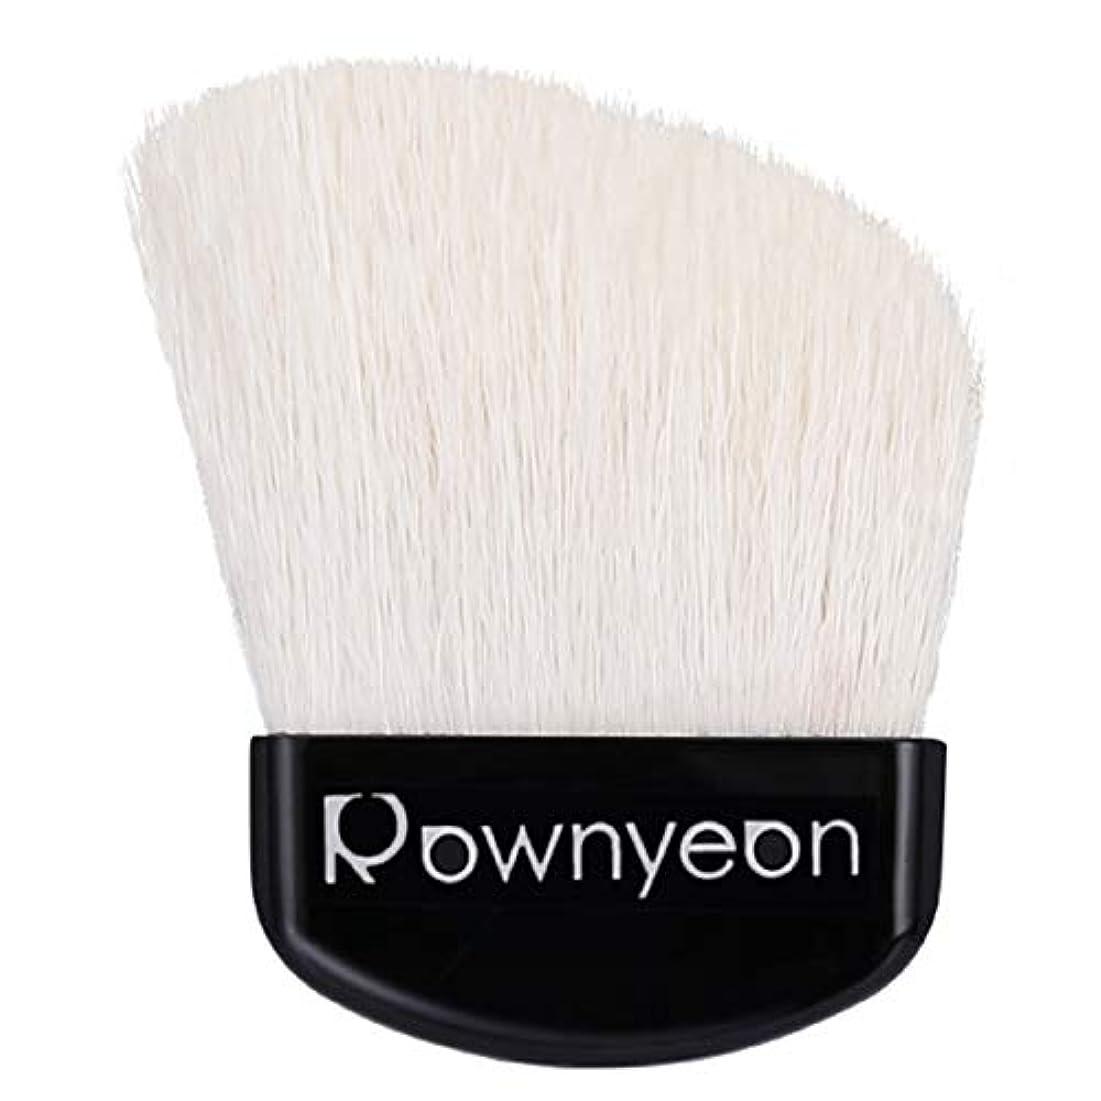 器具保護猫背Rownyeon パウダーブラシ 携帯用 100%天然毛 ミニ パクトイン フェースブラシ チークブラシ 扇型 携帯便利 ミニ メイク直し 単品 収納ケース付き